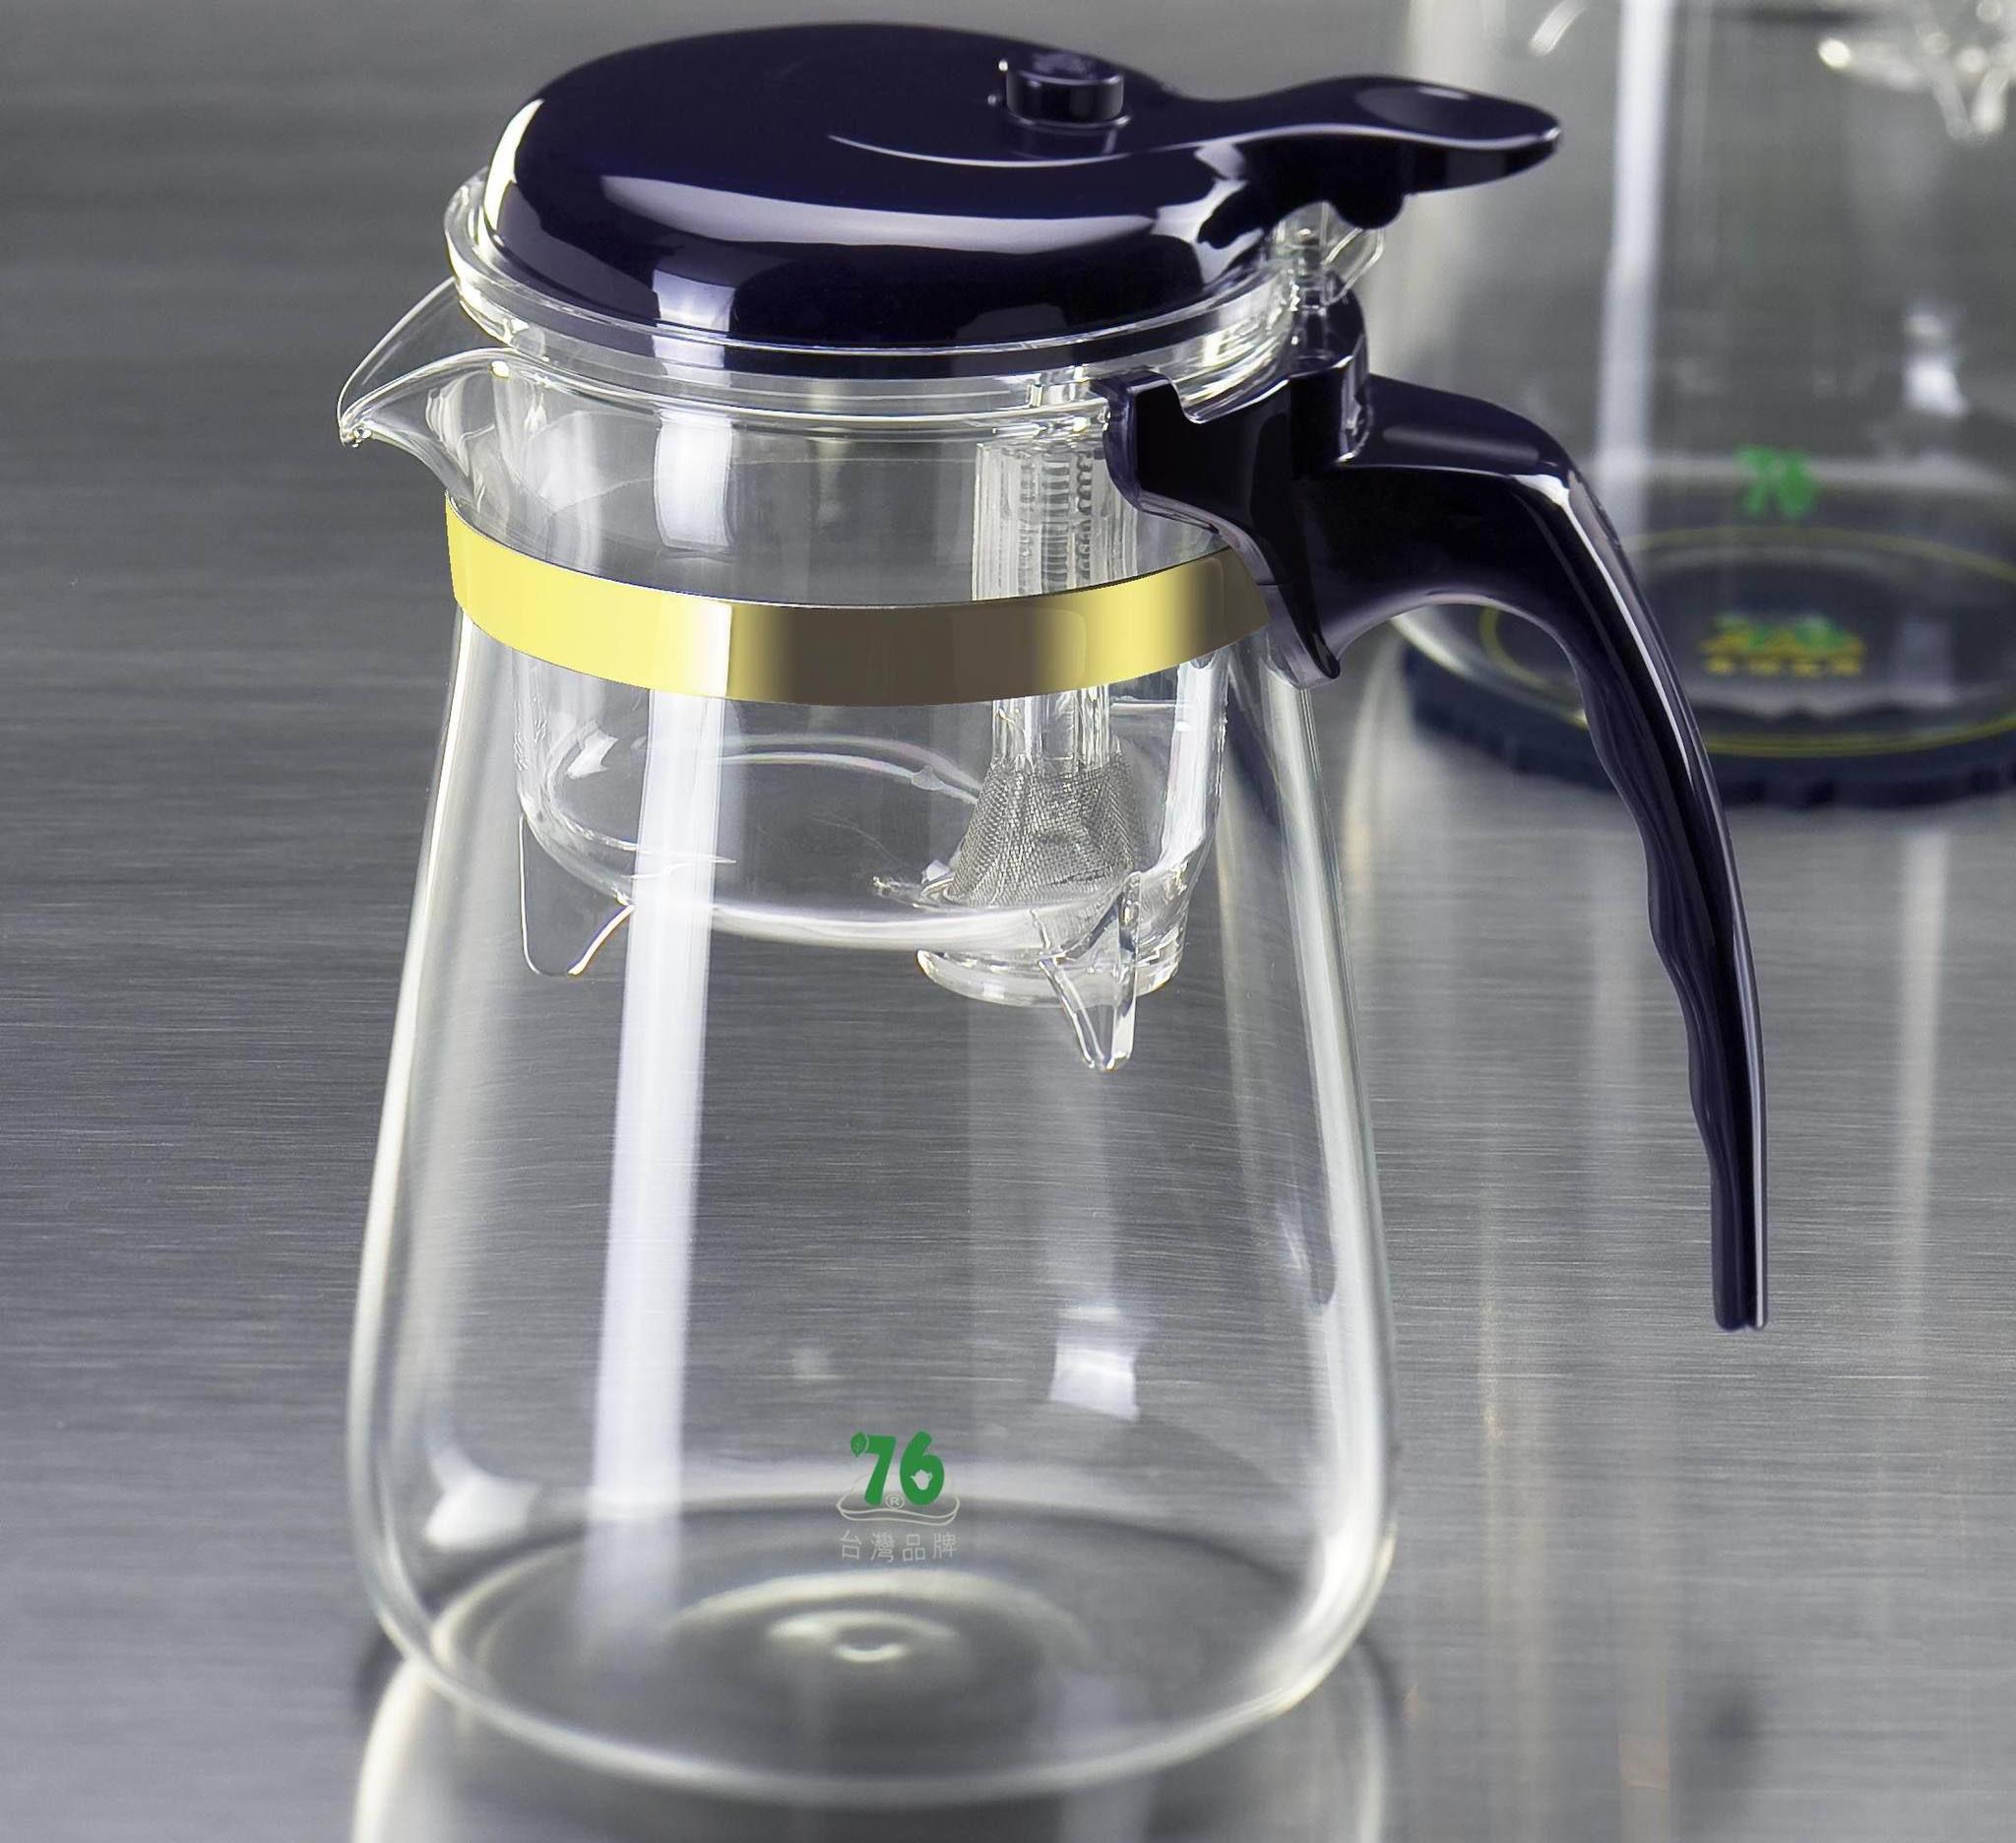 заварочный чайник с кнопкой слива